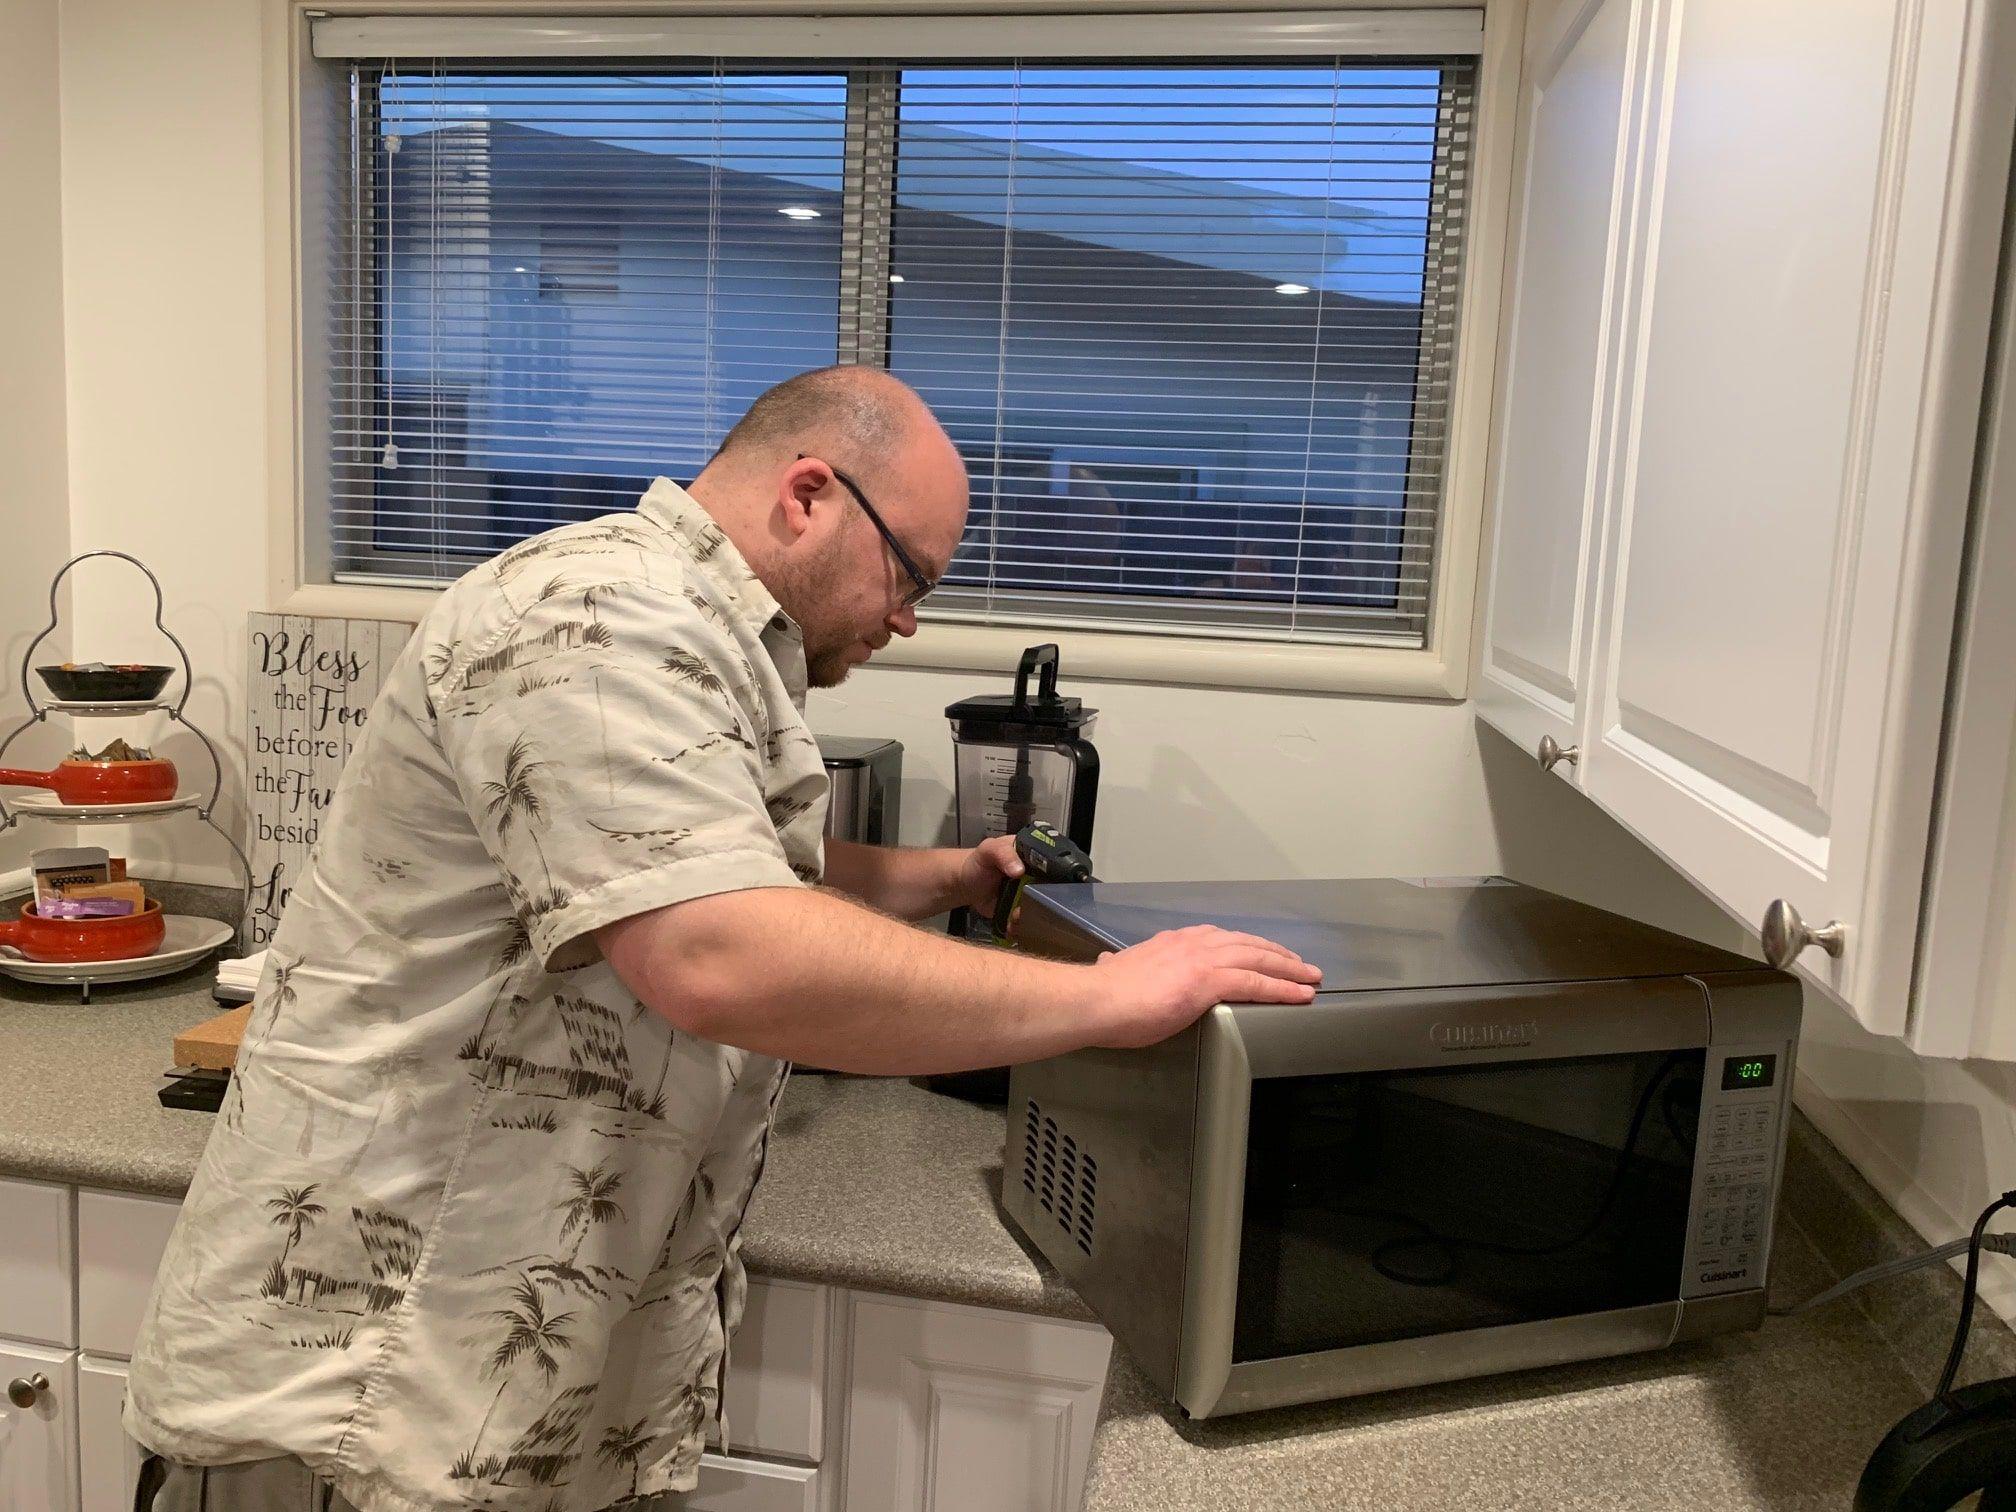 dg tech appliance repair top microwave repair near me sf bay area ca